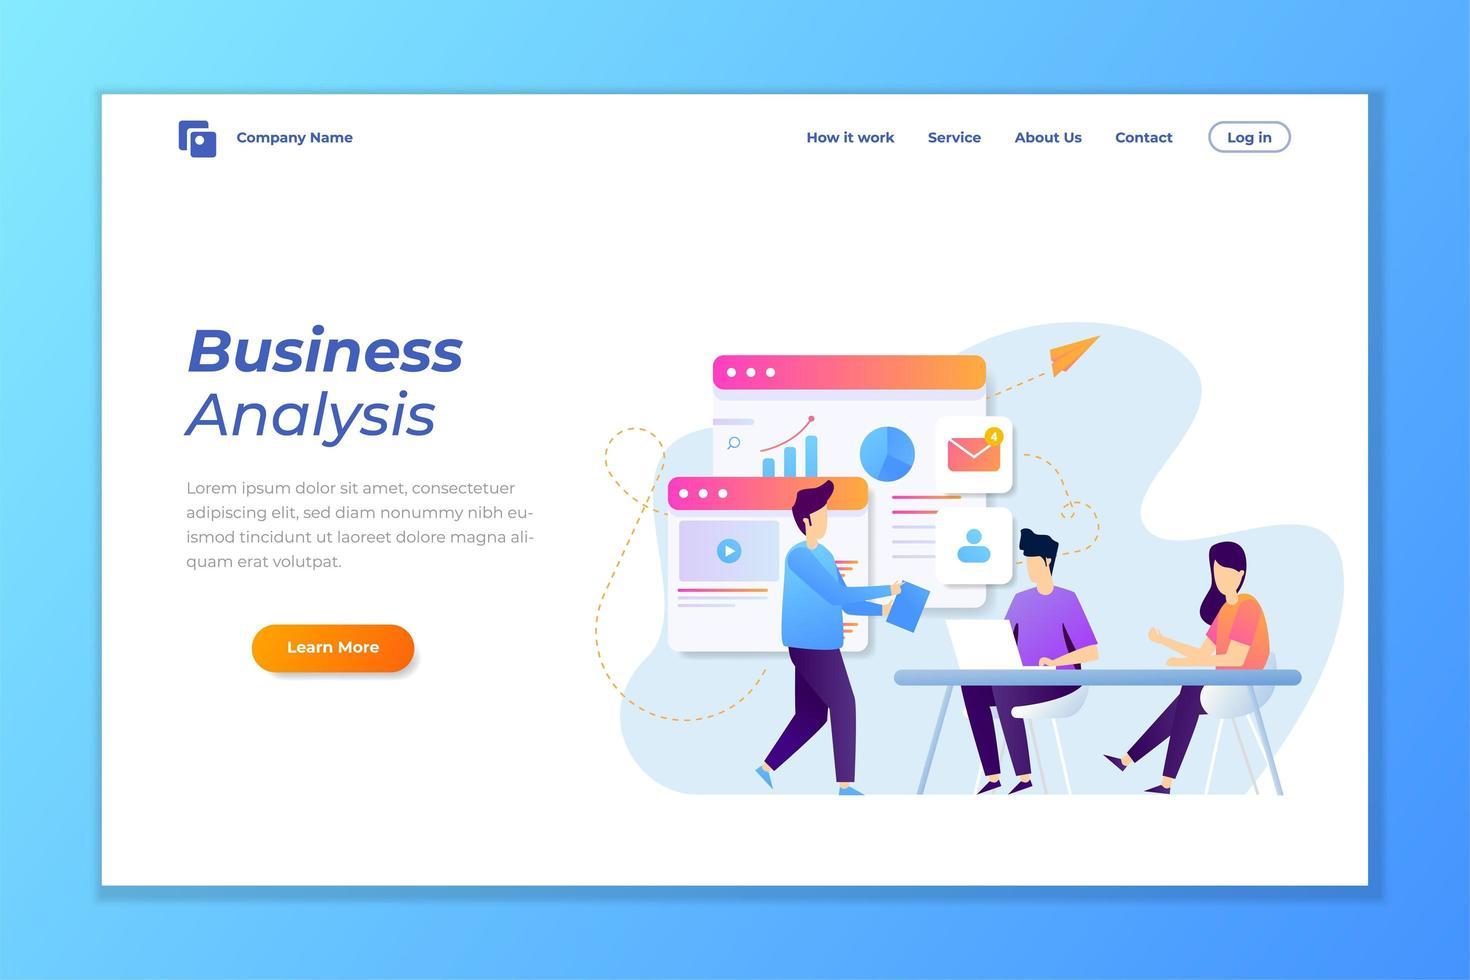 Zielseite für die Analyse von Geschäftsdaten vektor